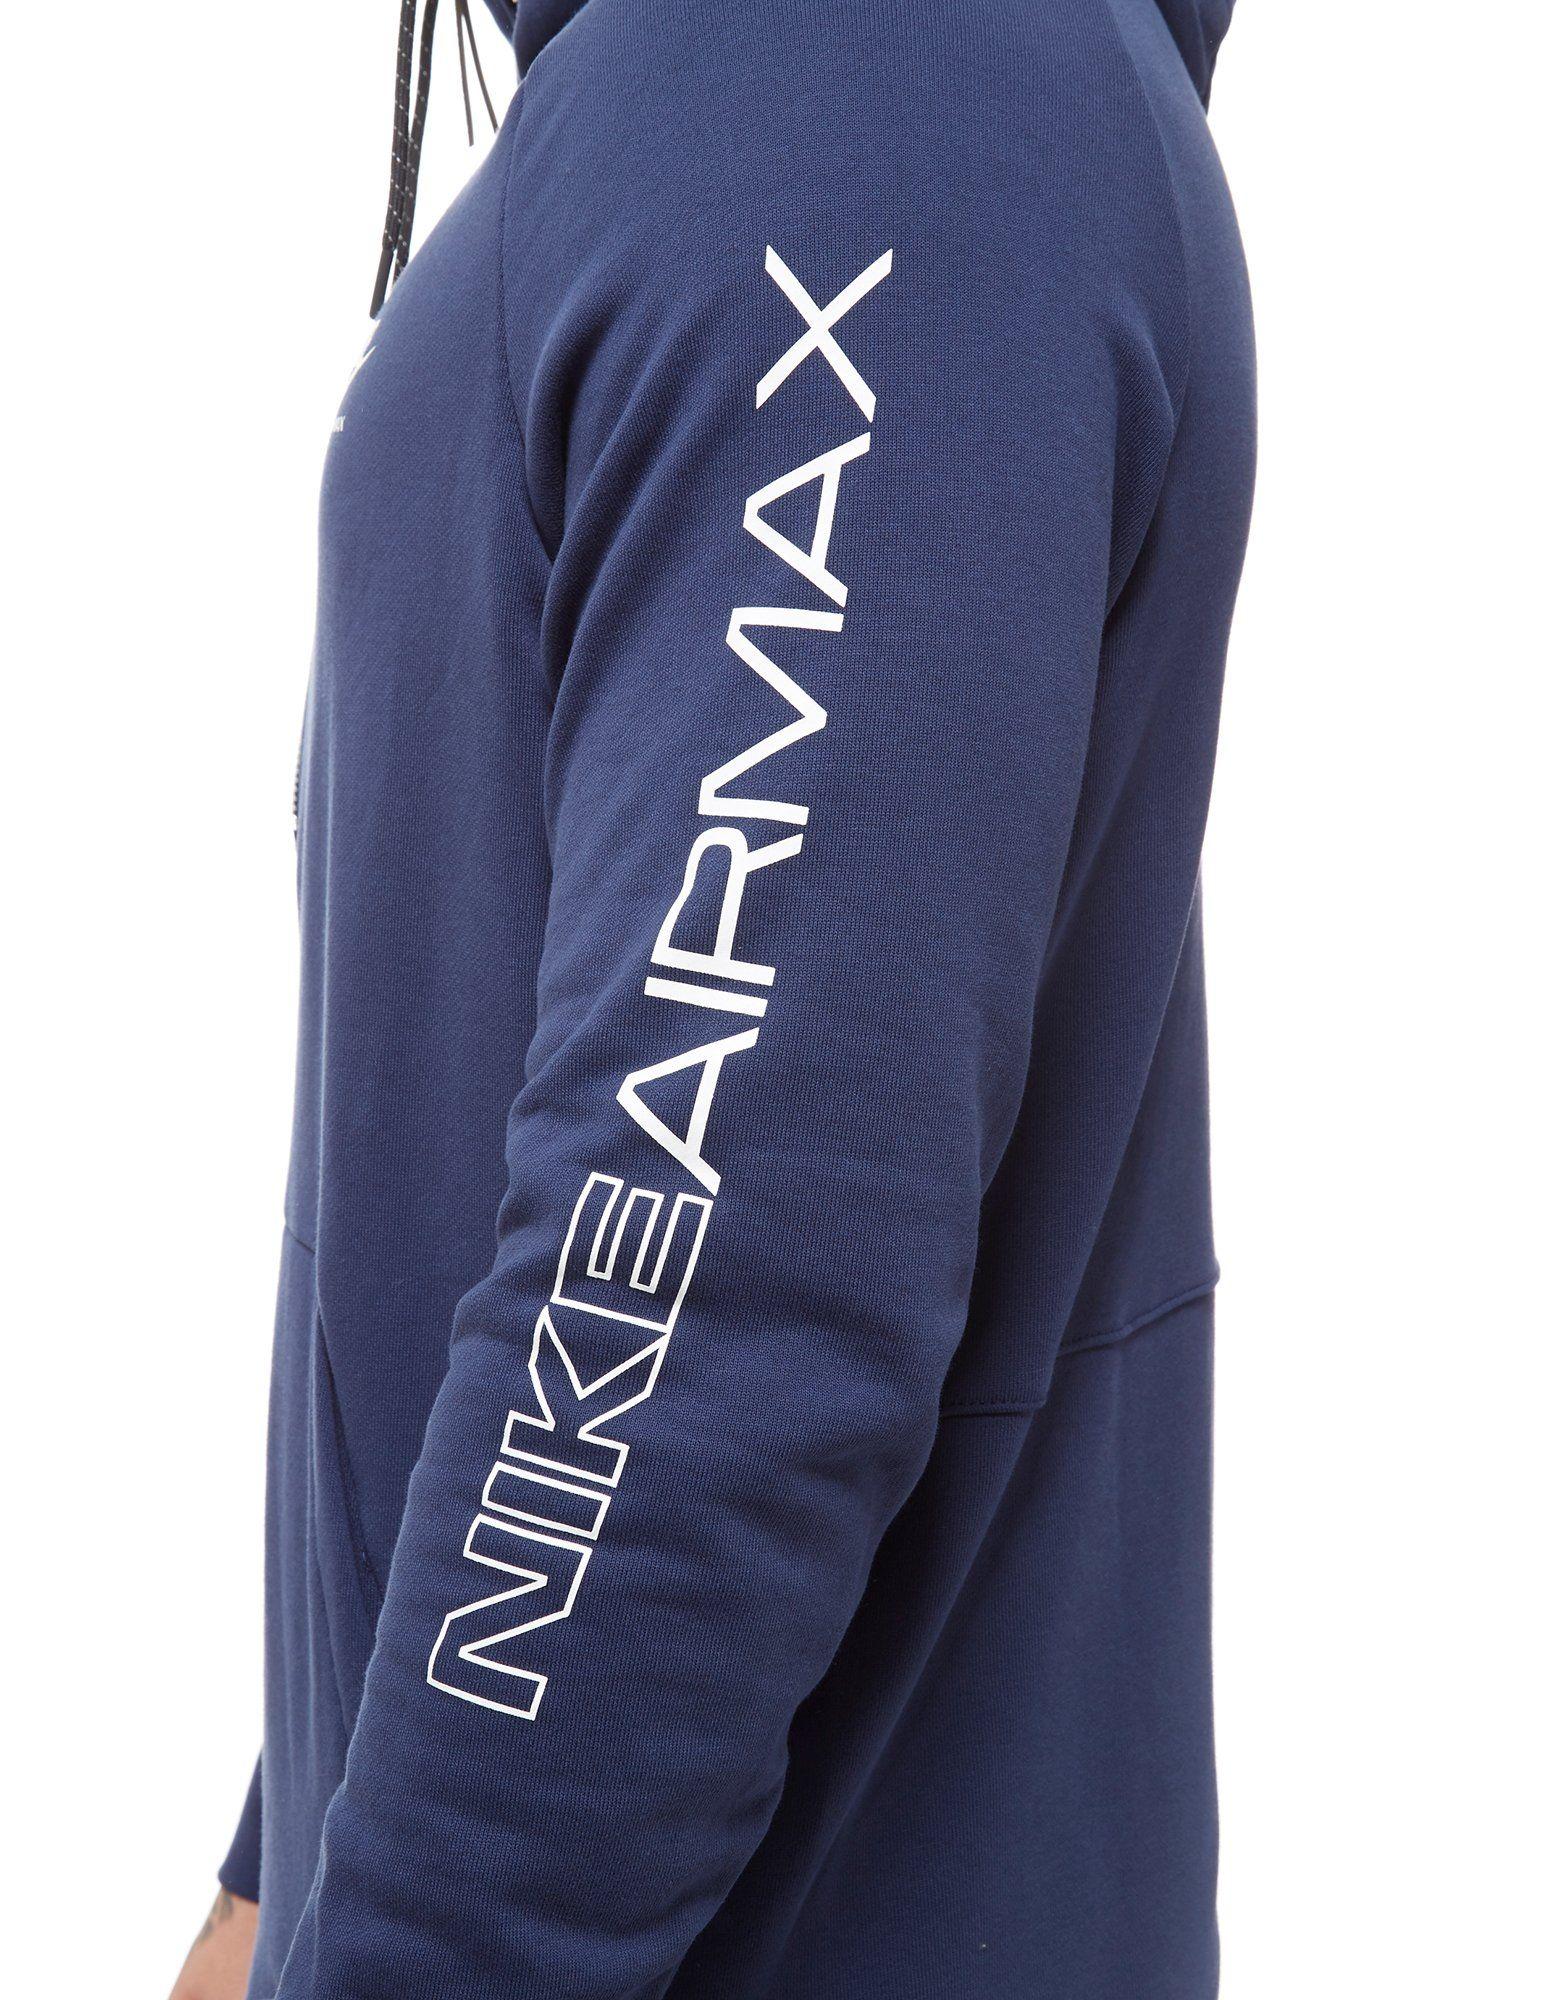 Nike Air Max FT OH HD NAVY